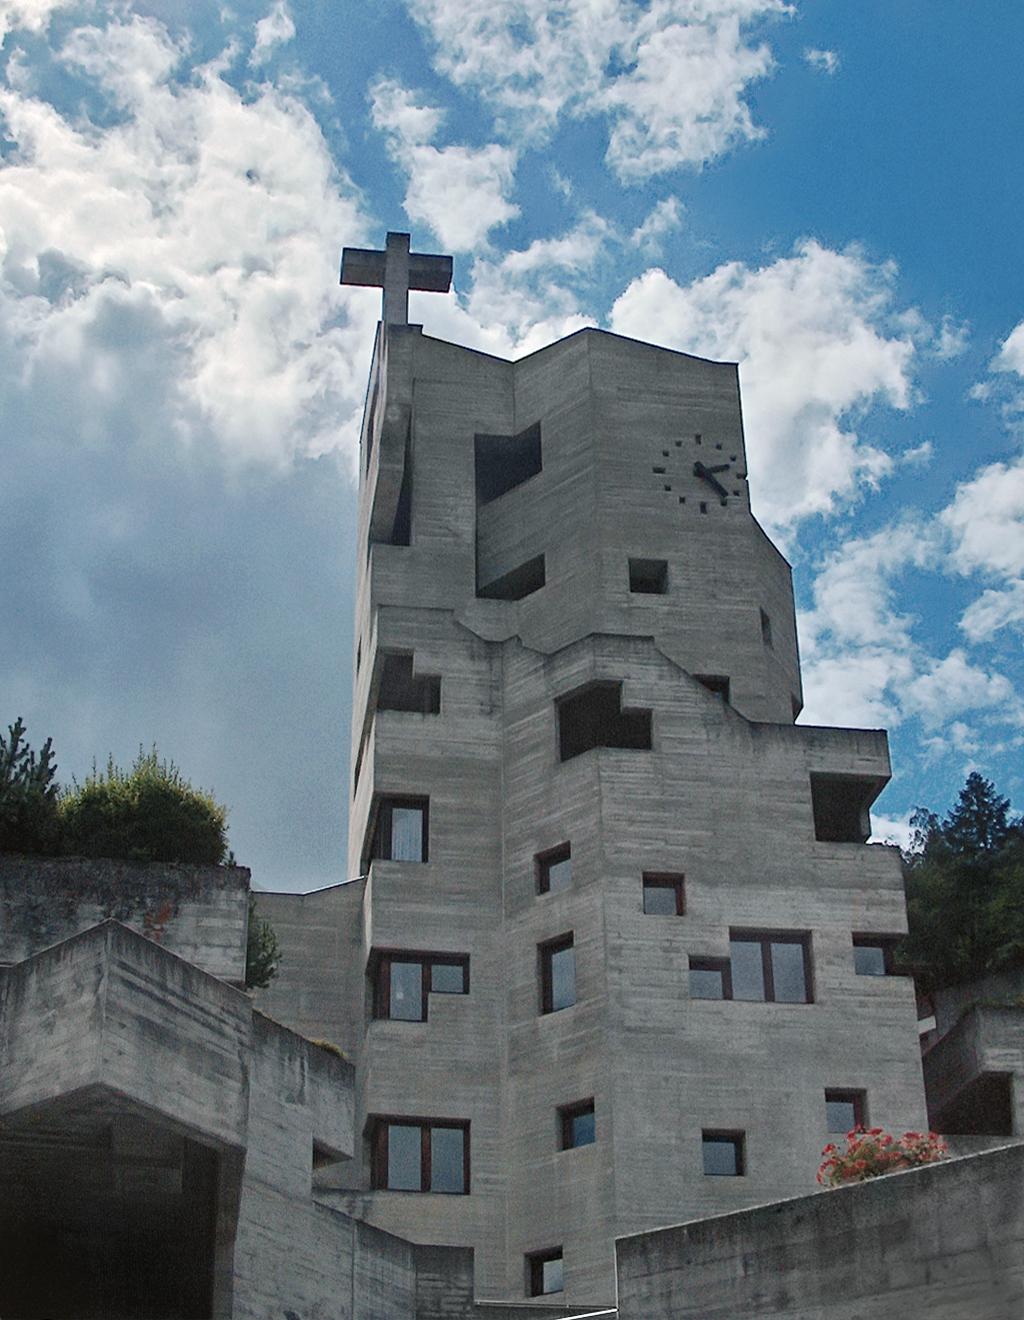 De Sint-Nicolaskerk in Hérémence, Zwitserland. © Wikipedia / Johannes Löw